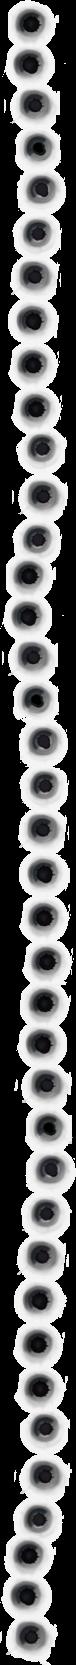 bullet-holes-v12-1665